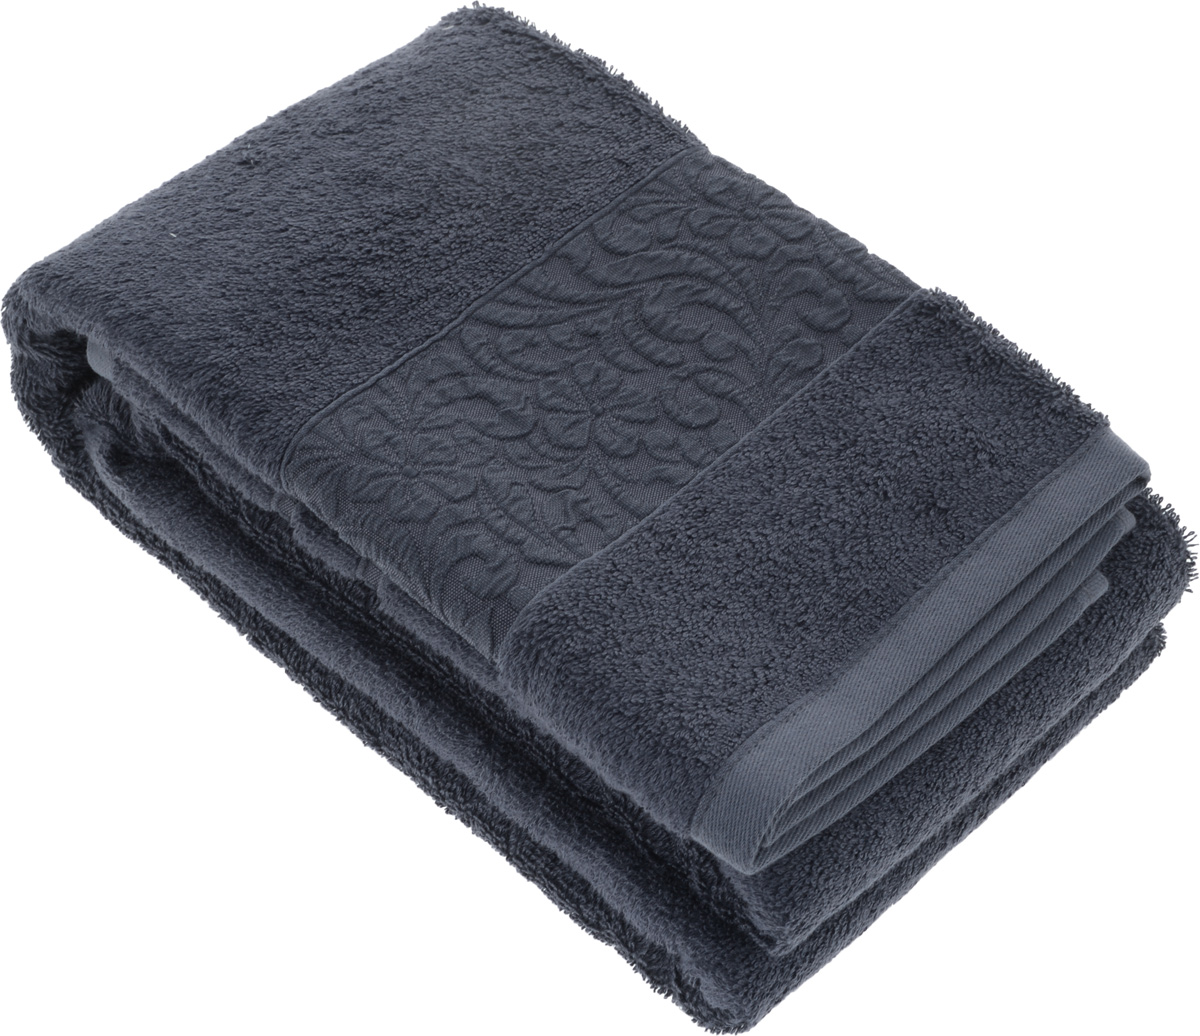 Полотенце бамбуковое Issimo Home Valencia, цвет: темно-синий, 70 x 140 см1004900000360Полотенце Issimo Home Valencia выполнено из 60% бамбукового волокна и 40% хлопка. Таким полотенцем не нужно вытираться - только коснитесь кожи - и ткань сама все впитает. Такая ткань впитывает в 3 раза лучше, чем хлопок.Несмотря на высокую плотность, полотенце быстро сохнет, остается легкими даже при намокании.Изделие имеет красивый жаккардовый бордюр, оформленный цветочным орнаментом. Благородные, классические тона создадут уют и подчеркнут лучшие качества махровой ткани, а сочные, яркие, летние оттенки создадут ощущение праздника и наполнят дом энергией. Красивая, стильная упаковка этого полотенца делает его уже готовым подарком к любому случаю.